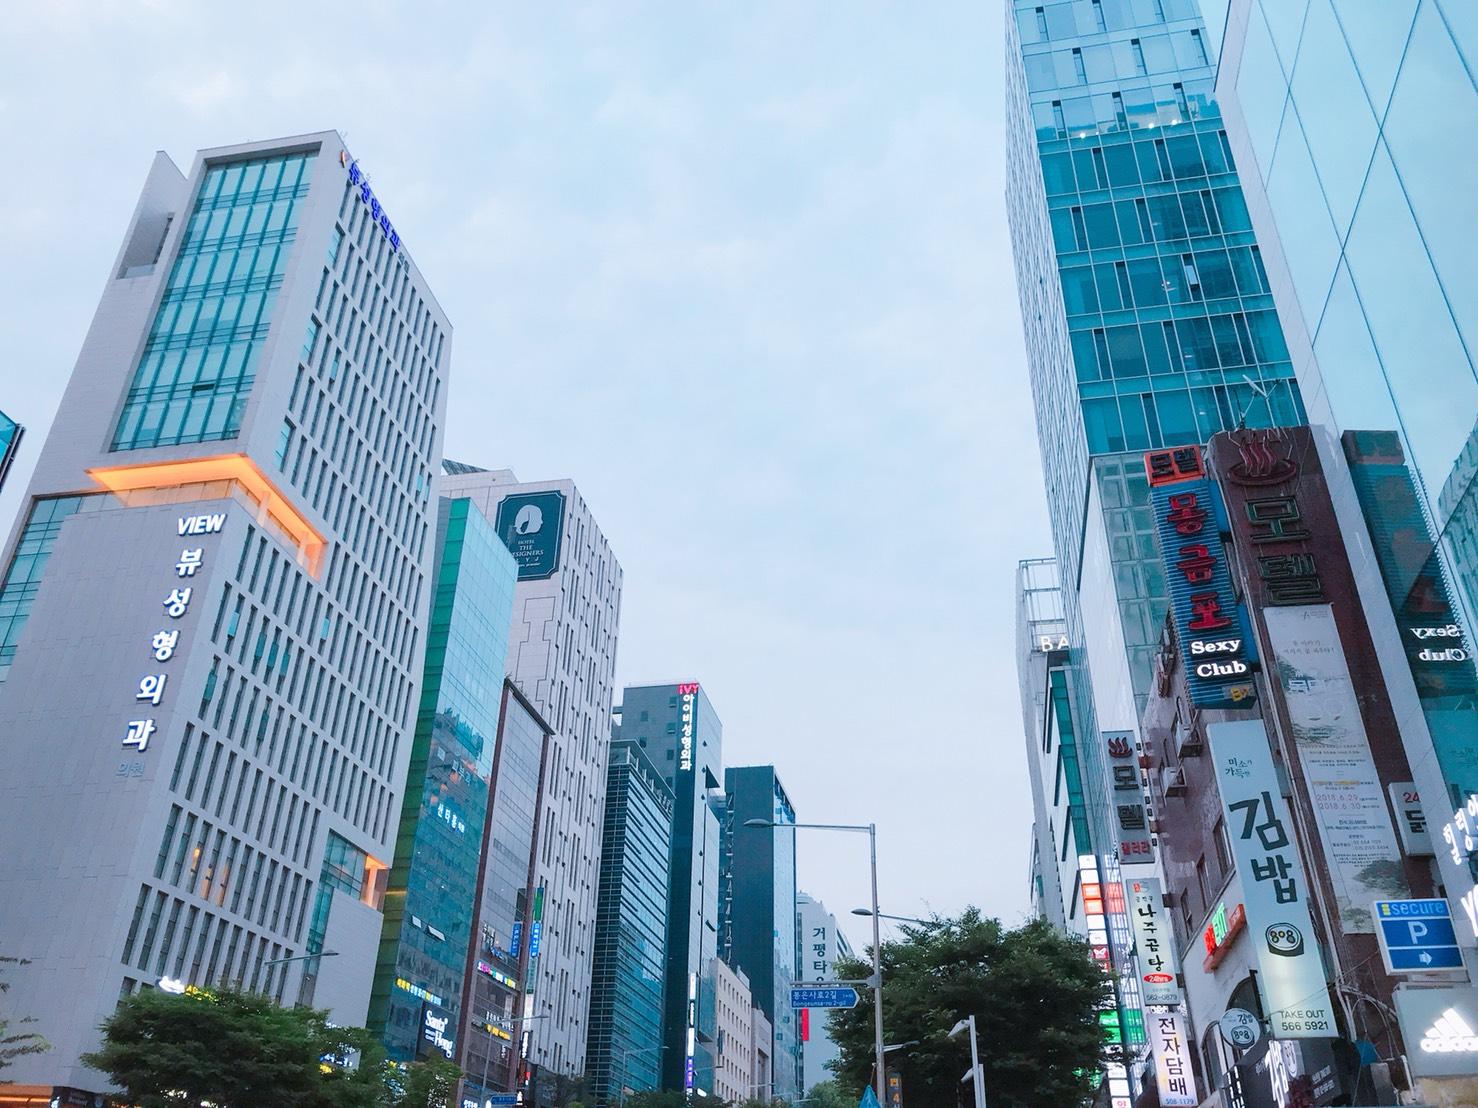 自毛植毛手術経過写真 韓国植毛手術 カンナム通りの様子